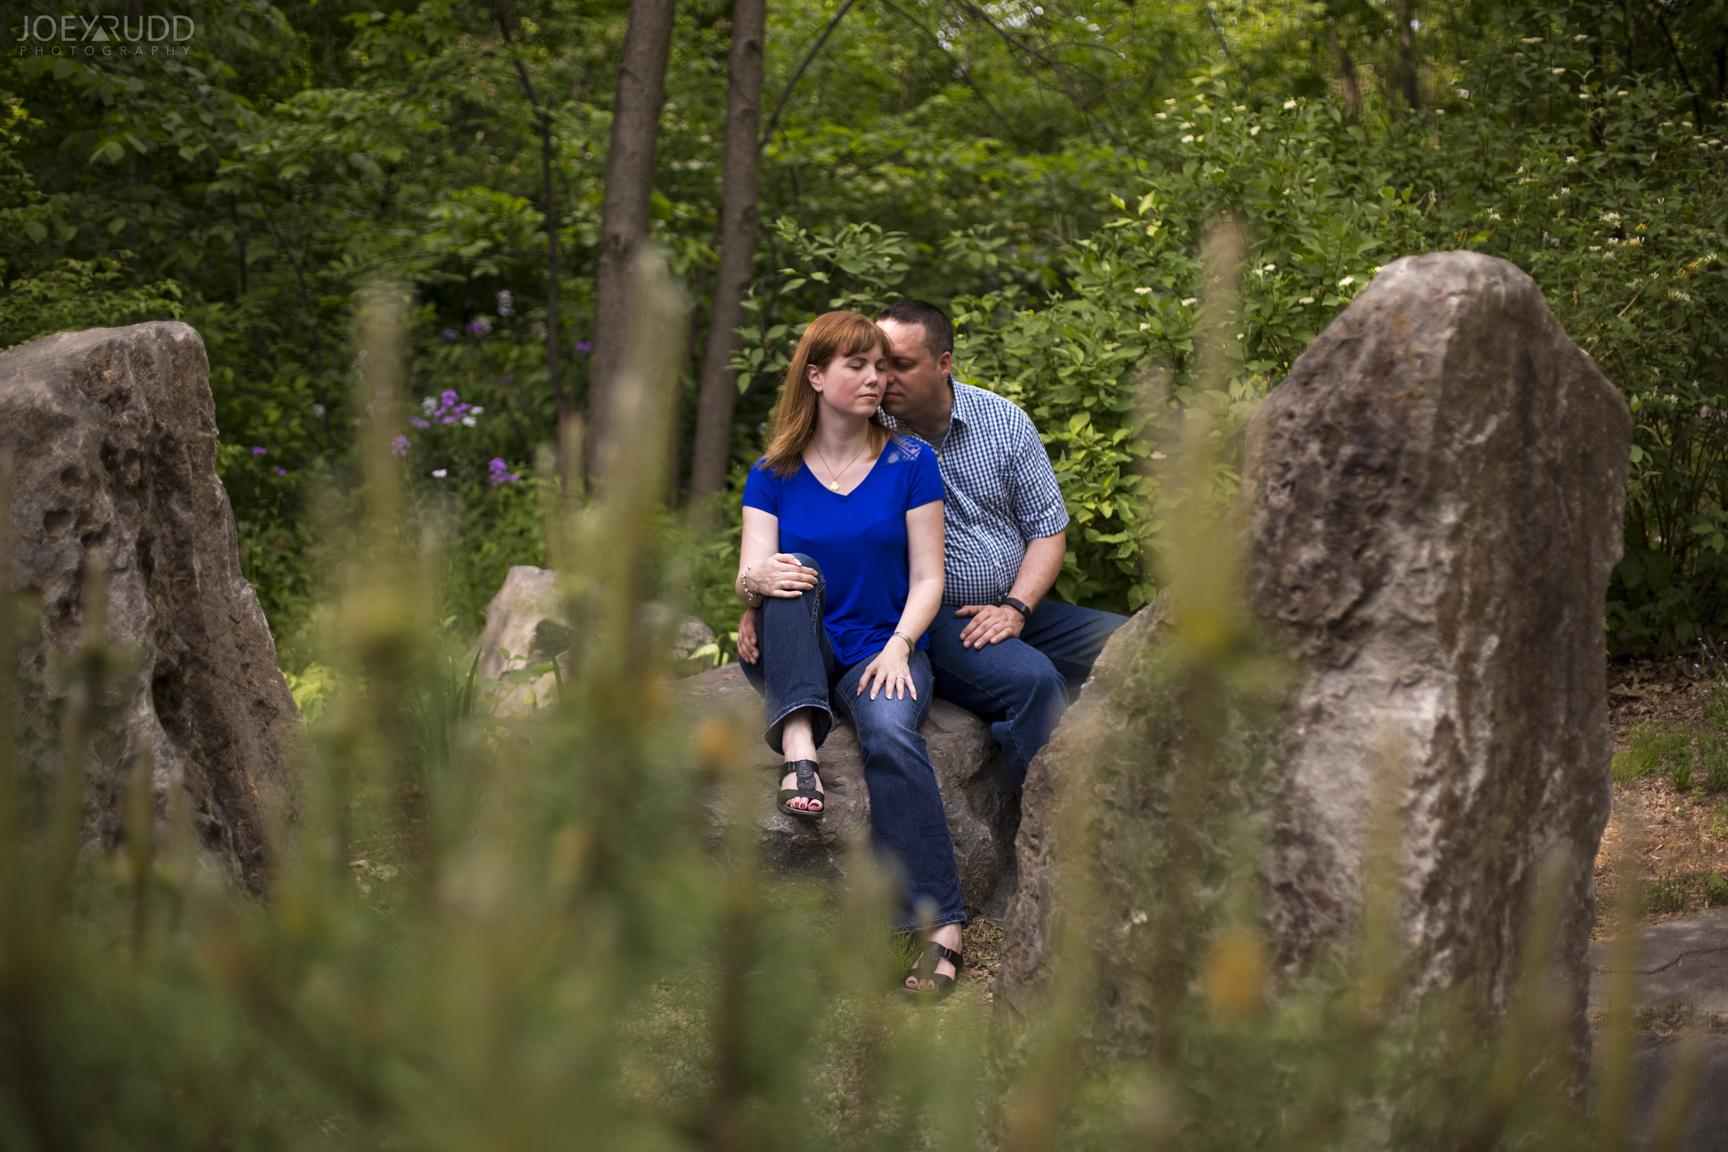 Manotick Engagement by Ottawa Wedding Photographer Joey Rudd Photography at Watsons Mill Flowers